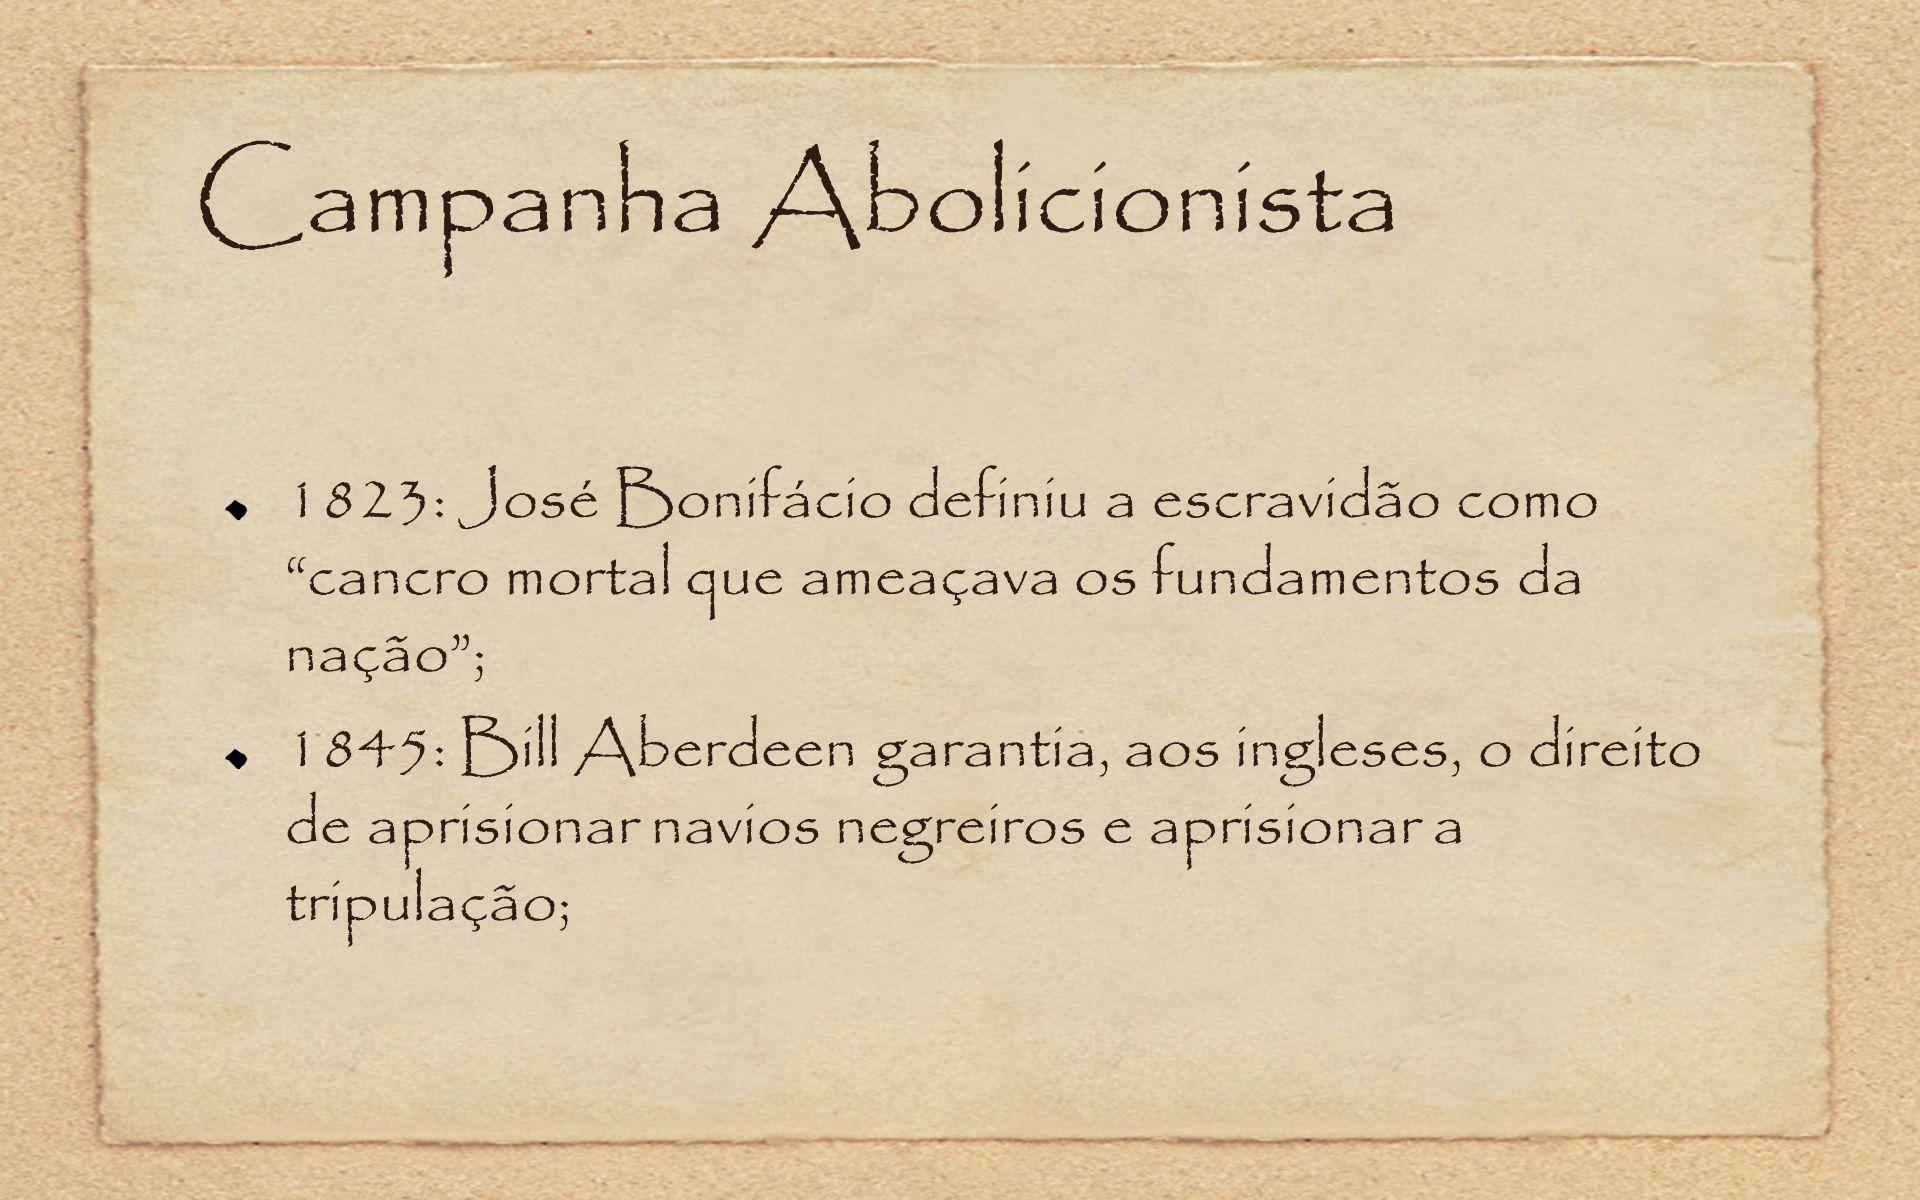 Campanha Abolicionista 1823: José Bonifácio definiu a escravidão como cancro mortal que ameaçava os fundamentos da nação; 1845: Bill Aberdeen garantia